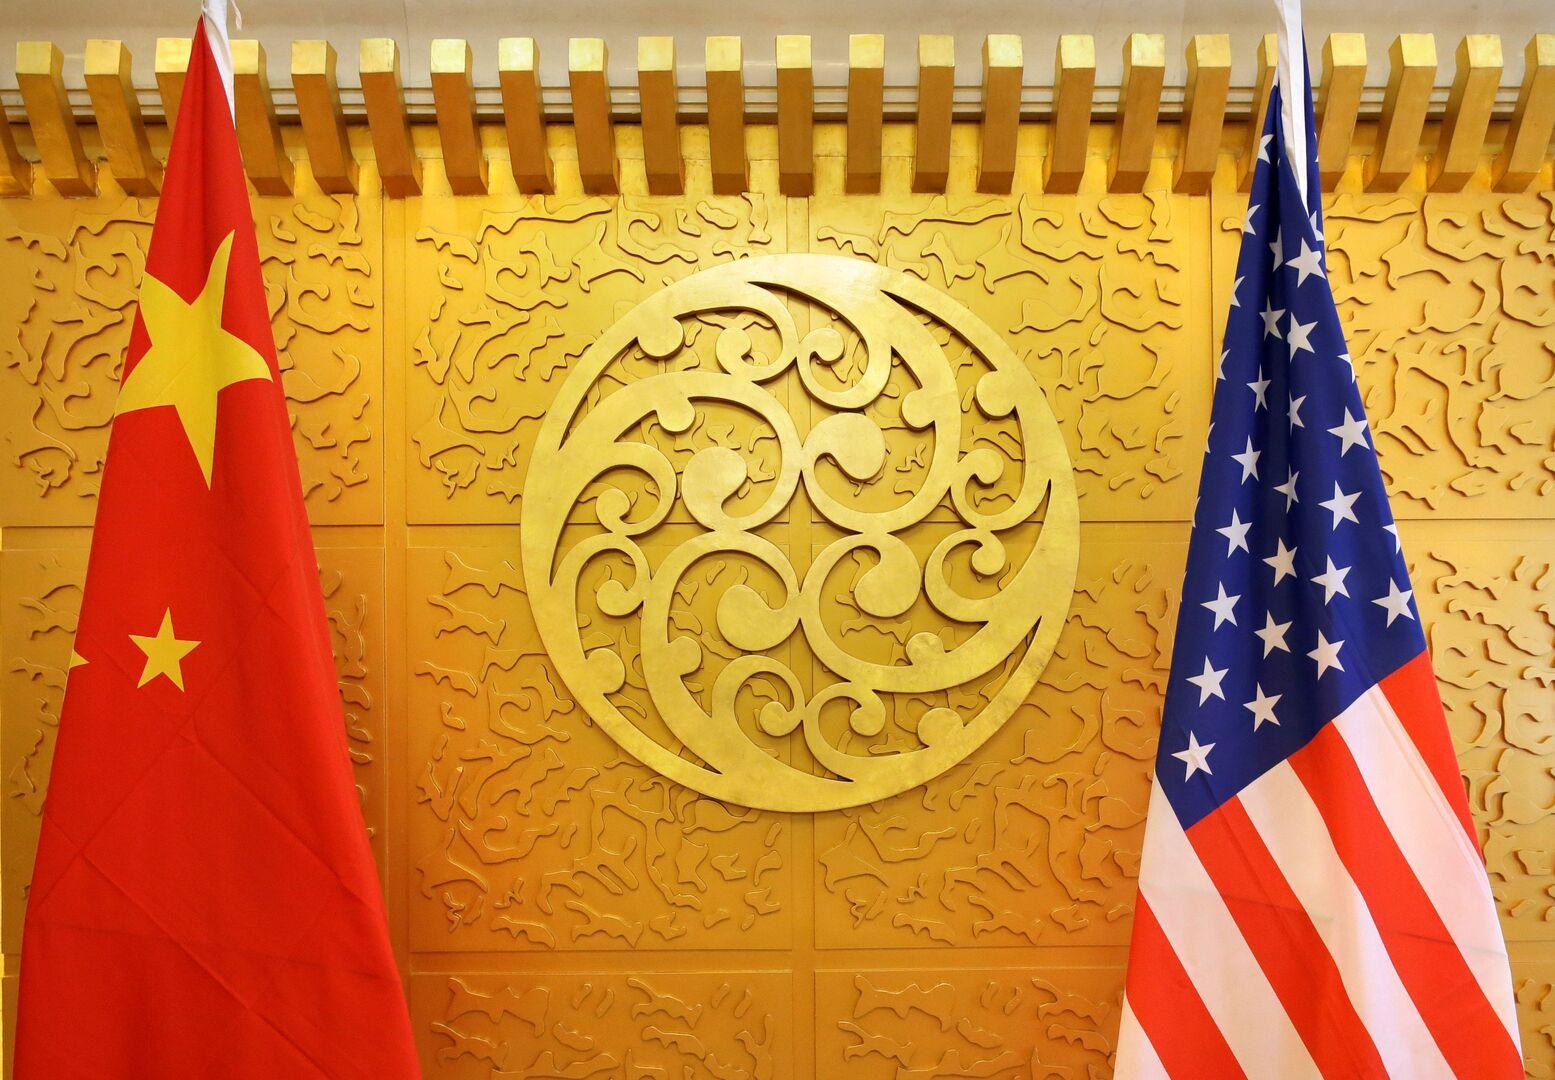 بكين تدعو واشنطن لعدم إساءة استغلال القوة وتعارض الاستخدام الجائر للعقوبات